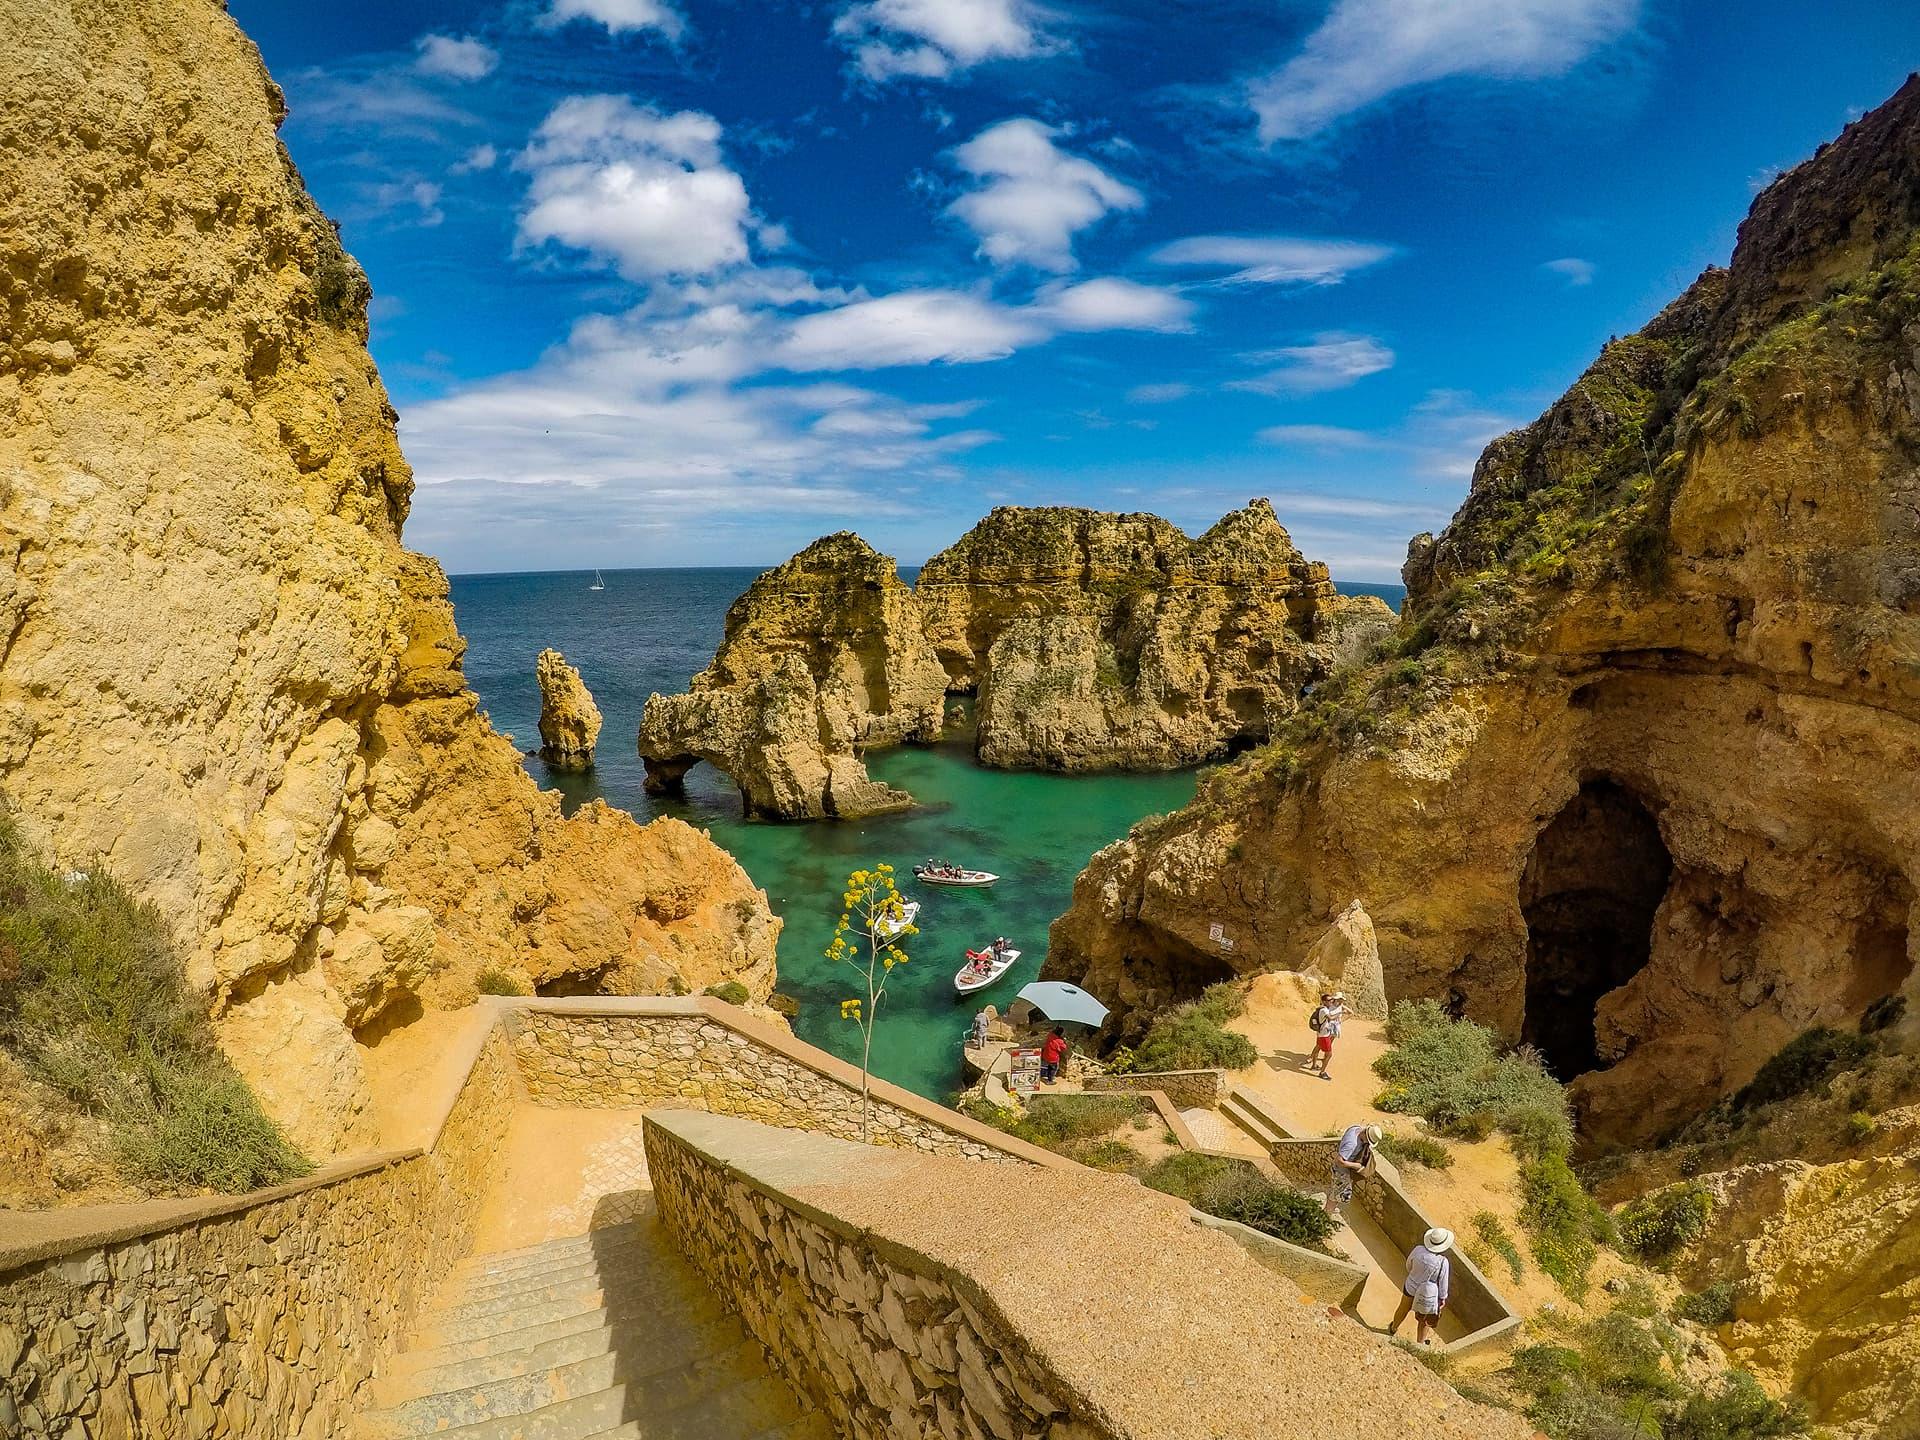 boat tour to Benagil and Ponta da Piedade How to get around in the Algarve pic by João Coelho